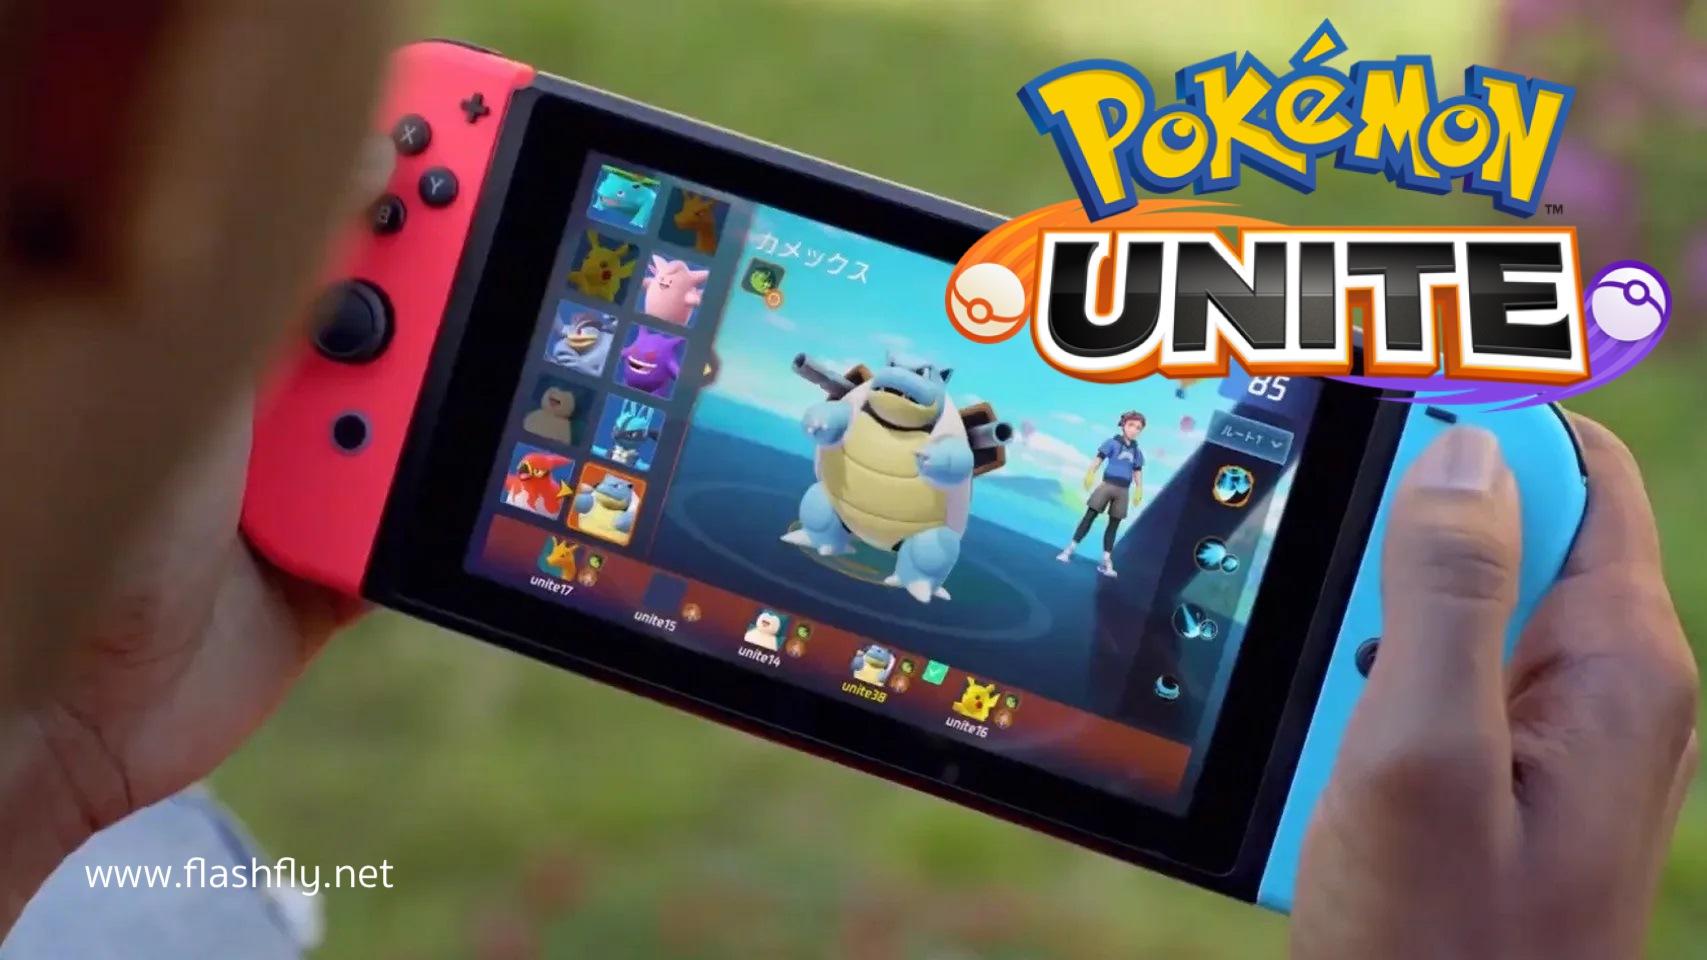 สุดฮือฮา!! Tencent เปิดตัวเกม Pokémon Unite แนว MOBA 5v5 จากทีม ...